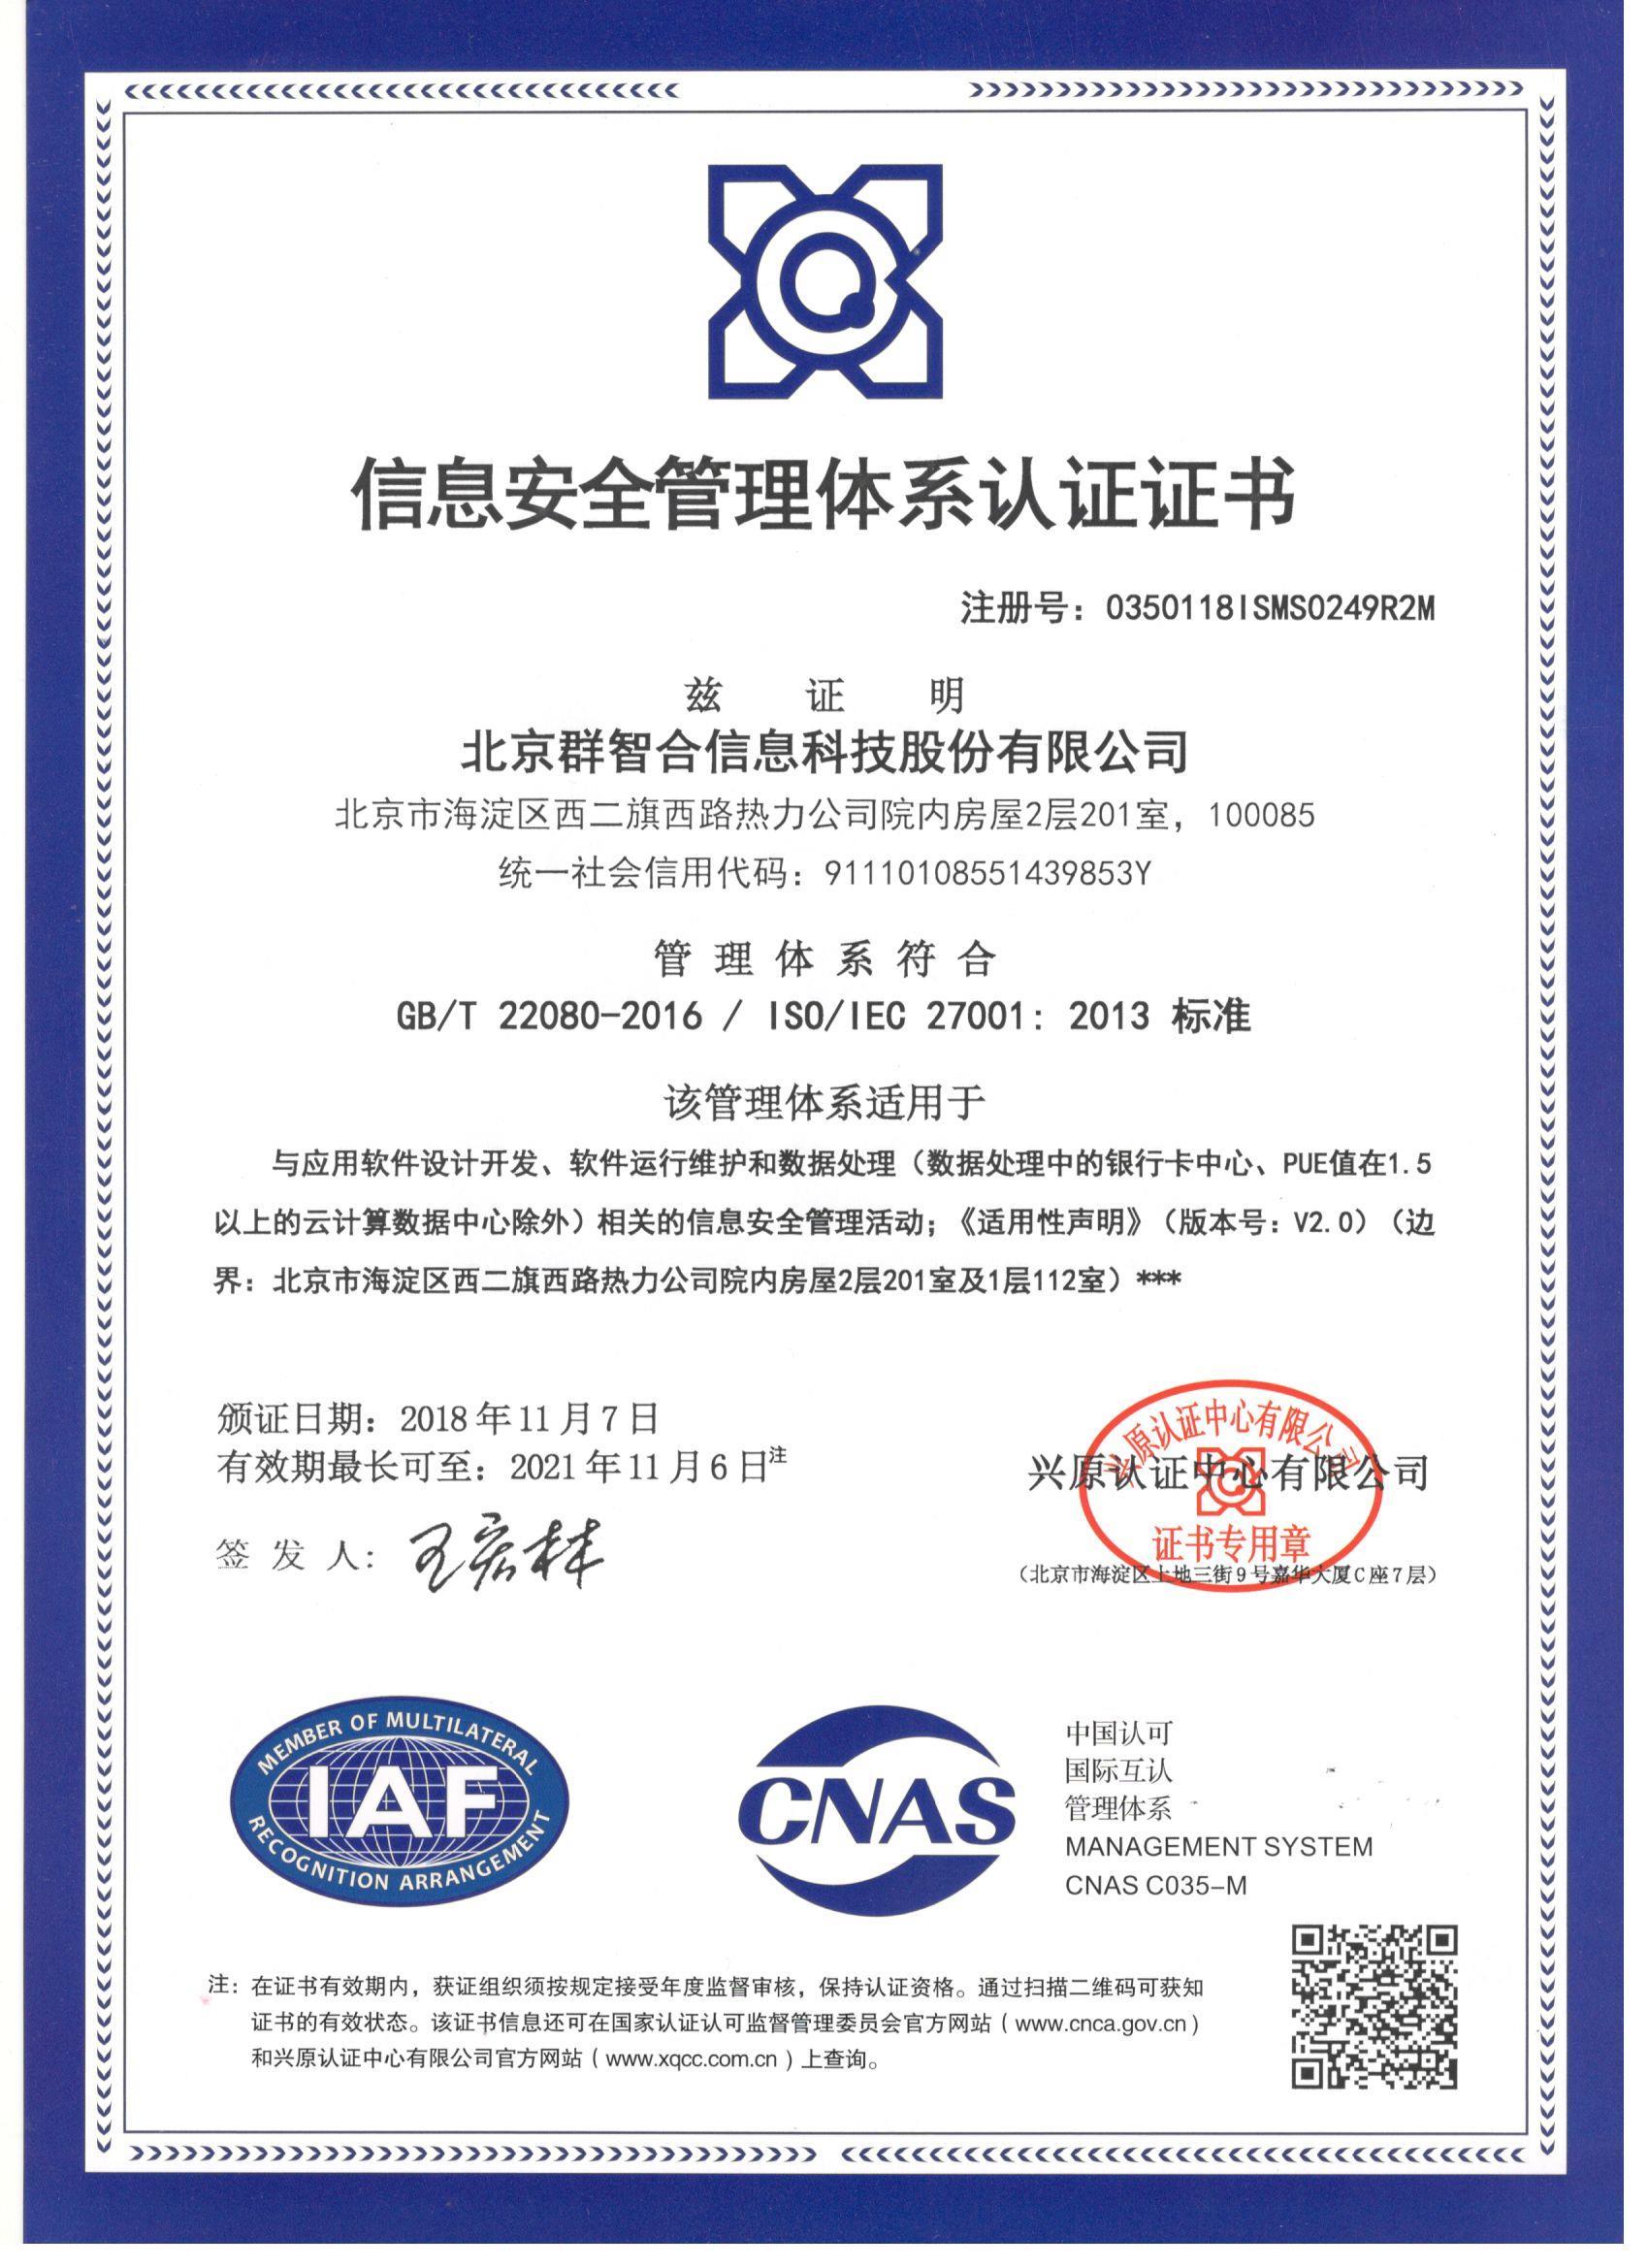 群智合中文ISO:27001:2013